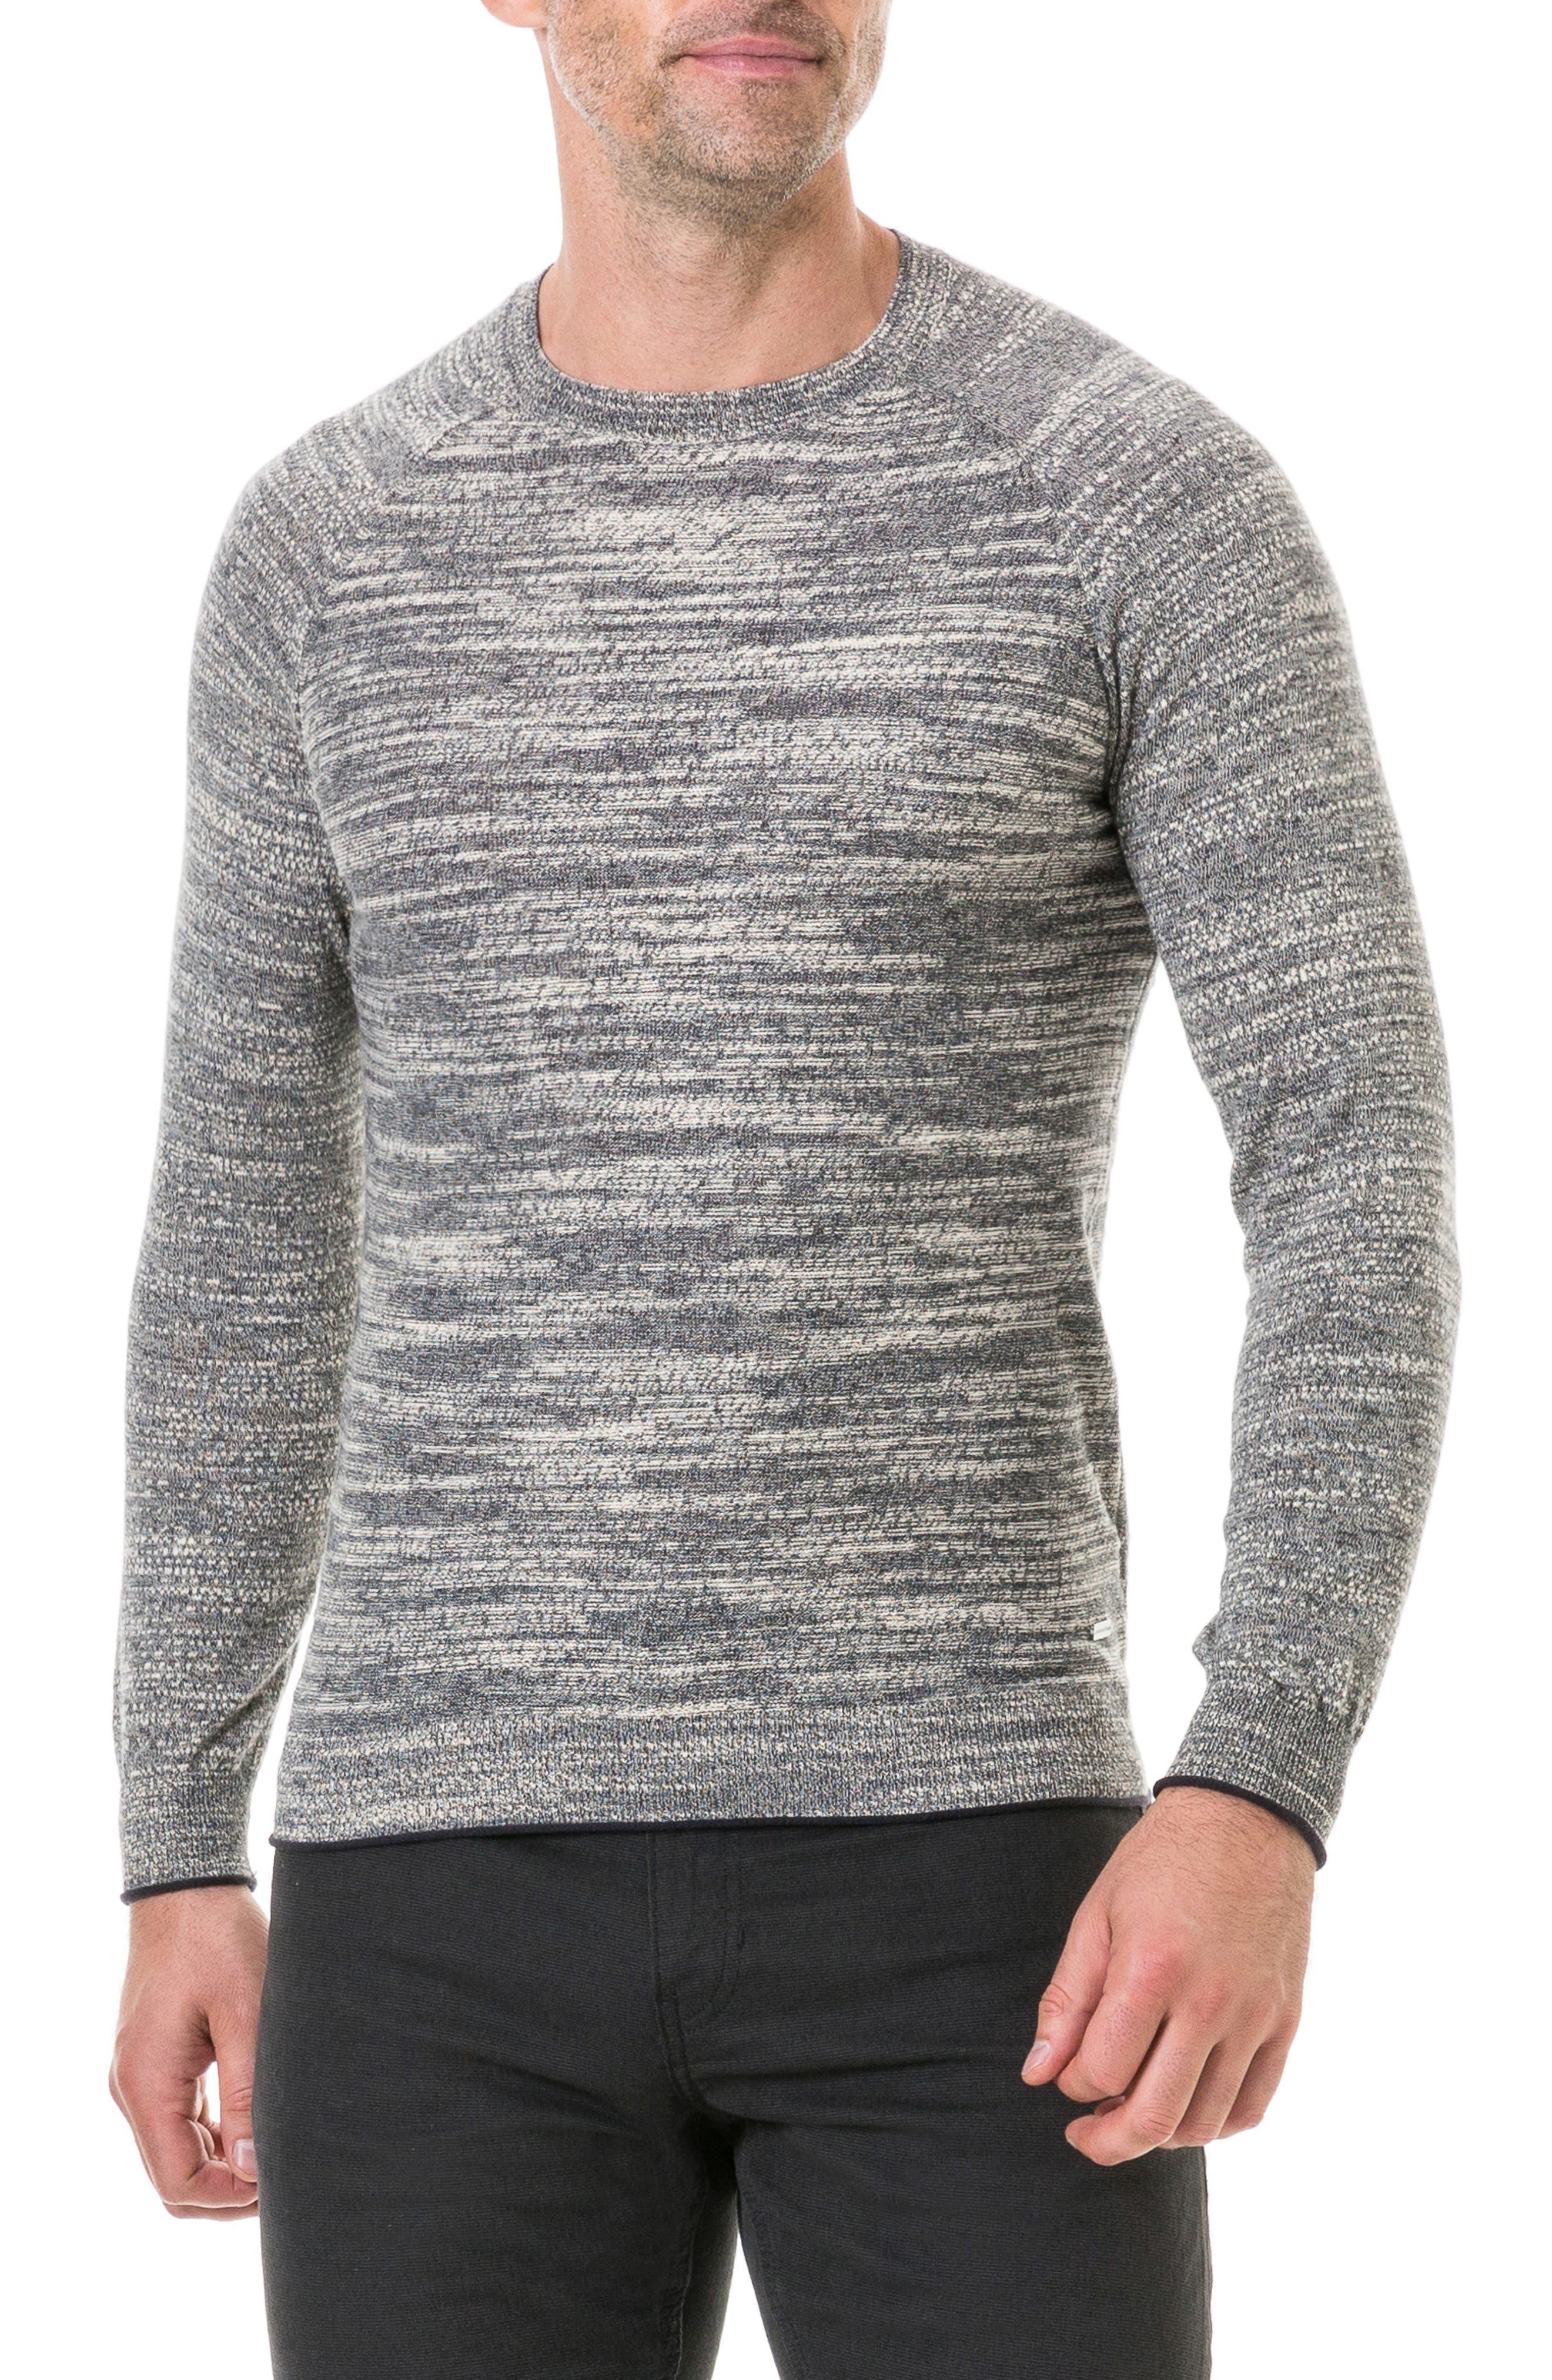 Atley Road Regular Fit Raglan Shirt,                             Main thumbnail 1, color,                             GRANITE